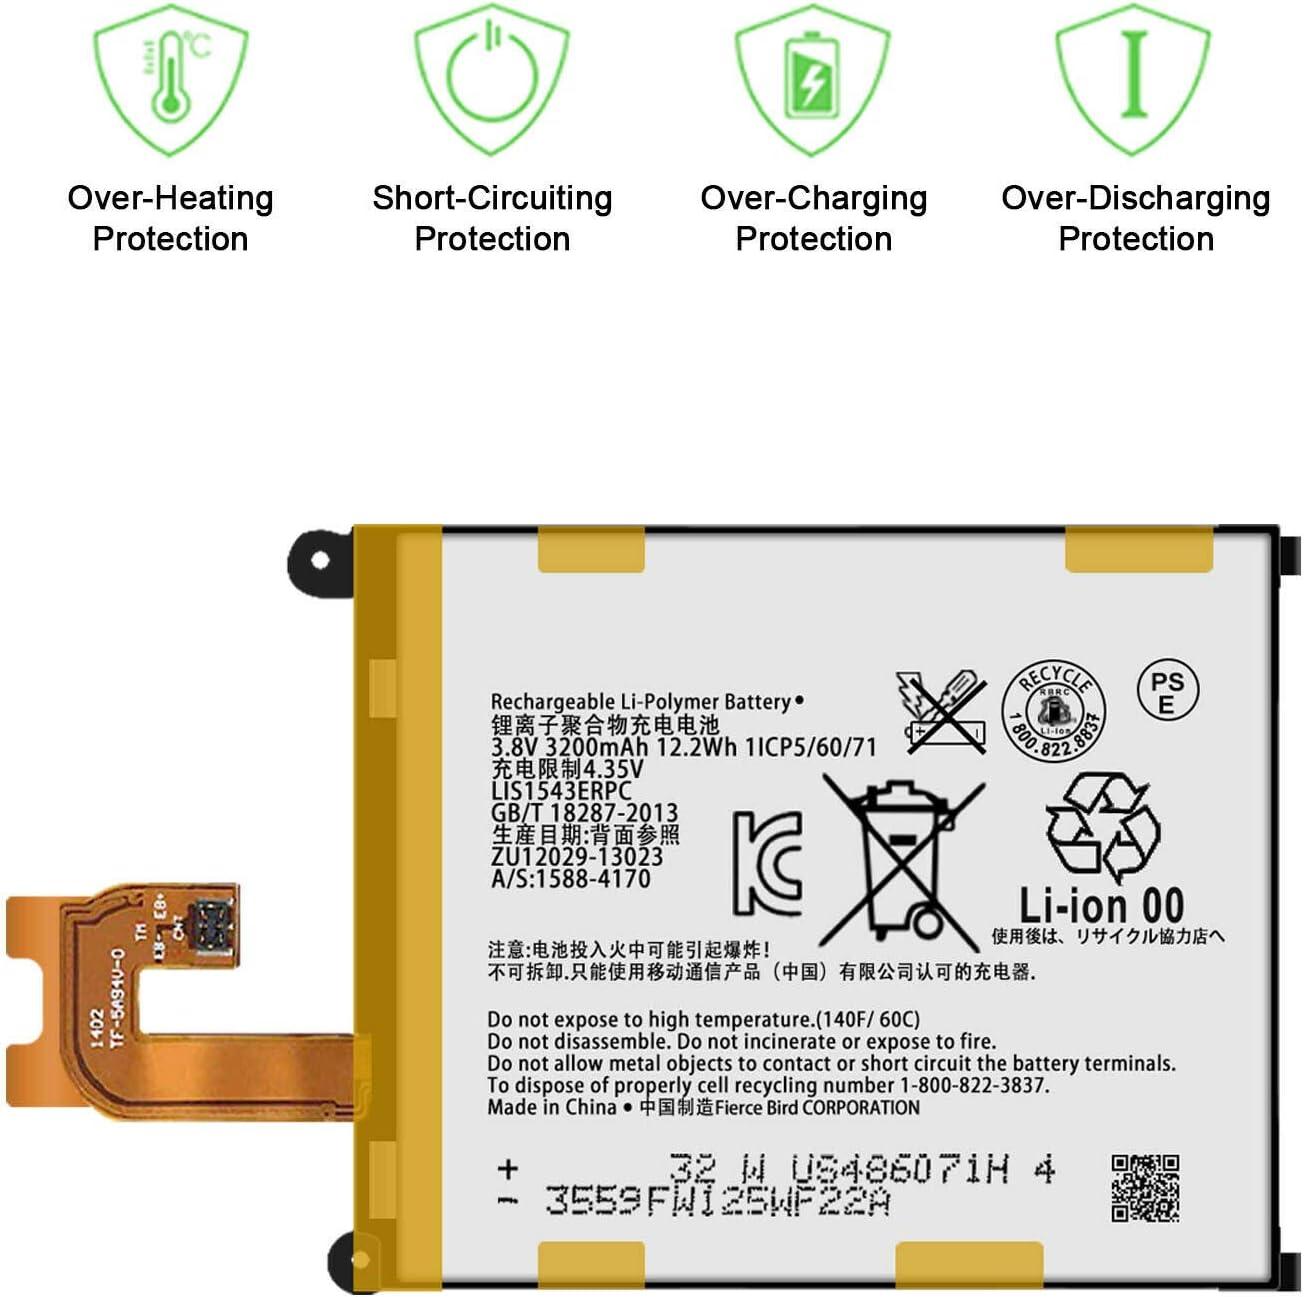 GSParts New 3.8V LIS1543ERPC Battery for Sony Xperia Z3V D6708 Verizon 32GB Smartphone